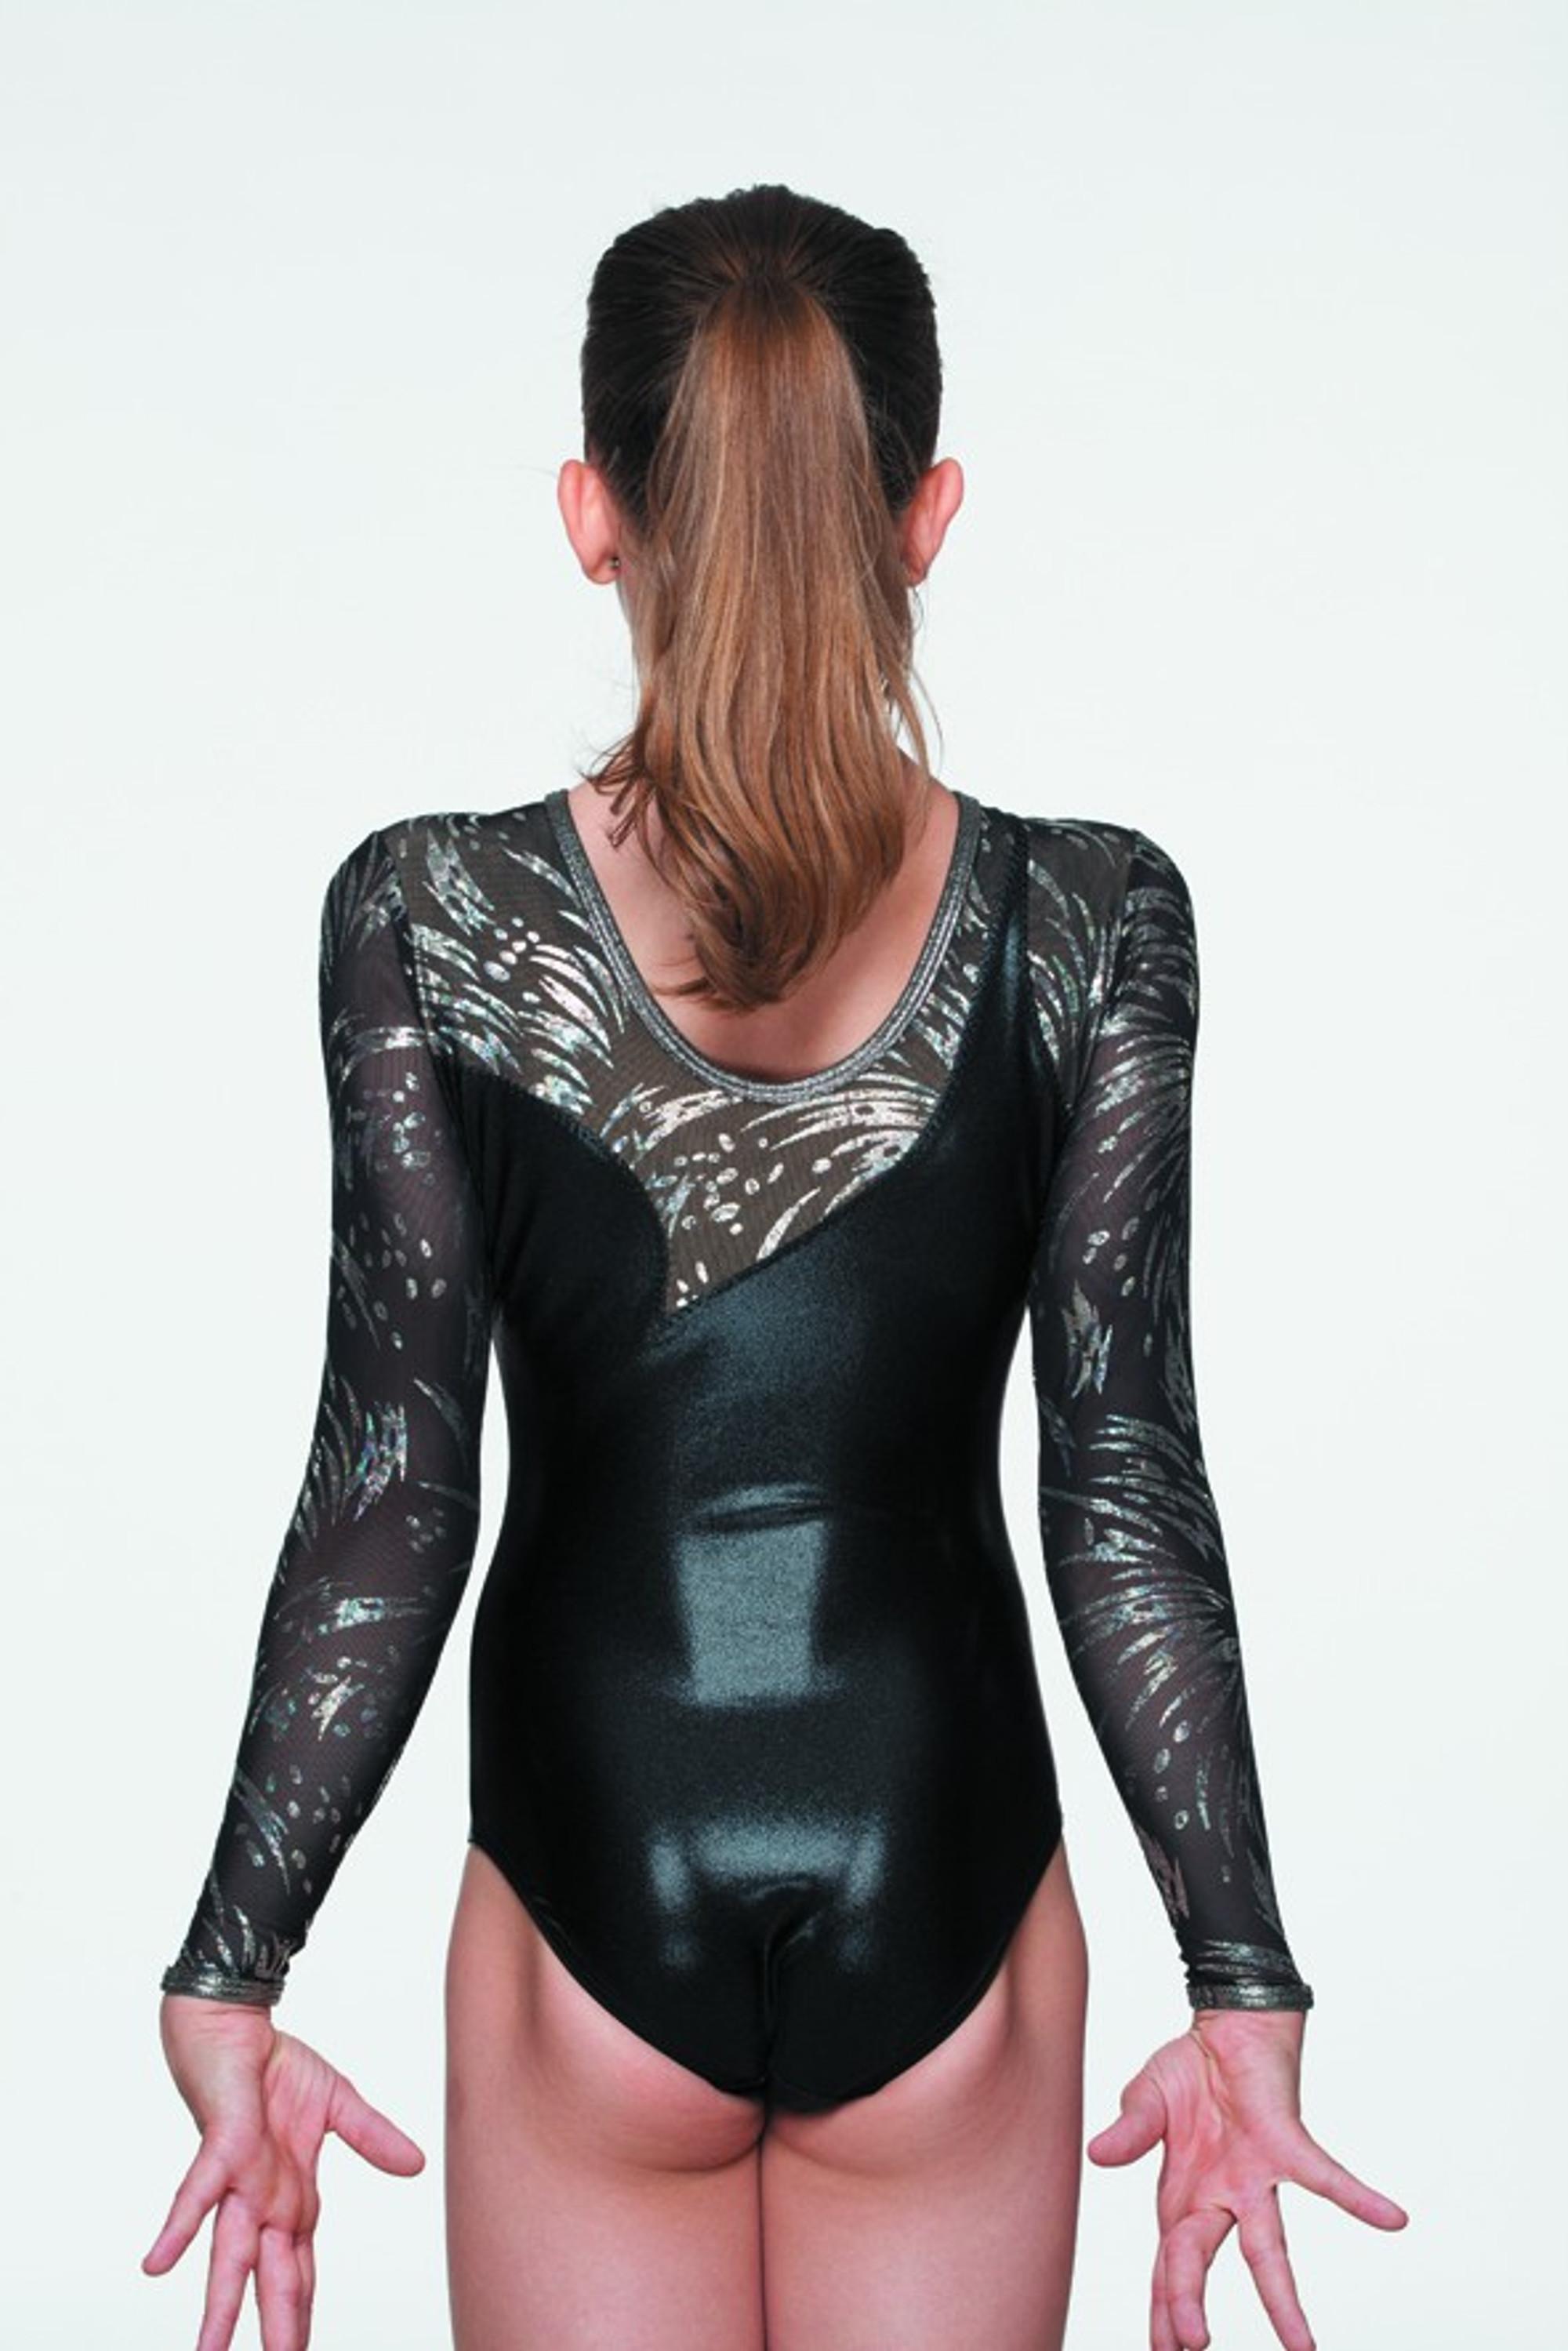 Turnanzug 1506 Metallic Elastic Net von Agiva günstig online kaufen